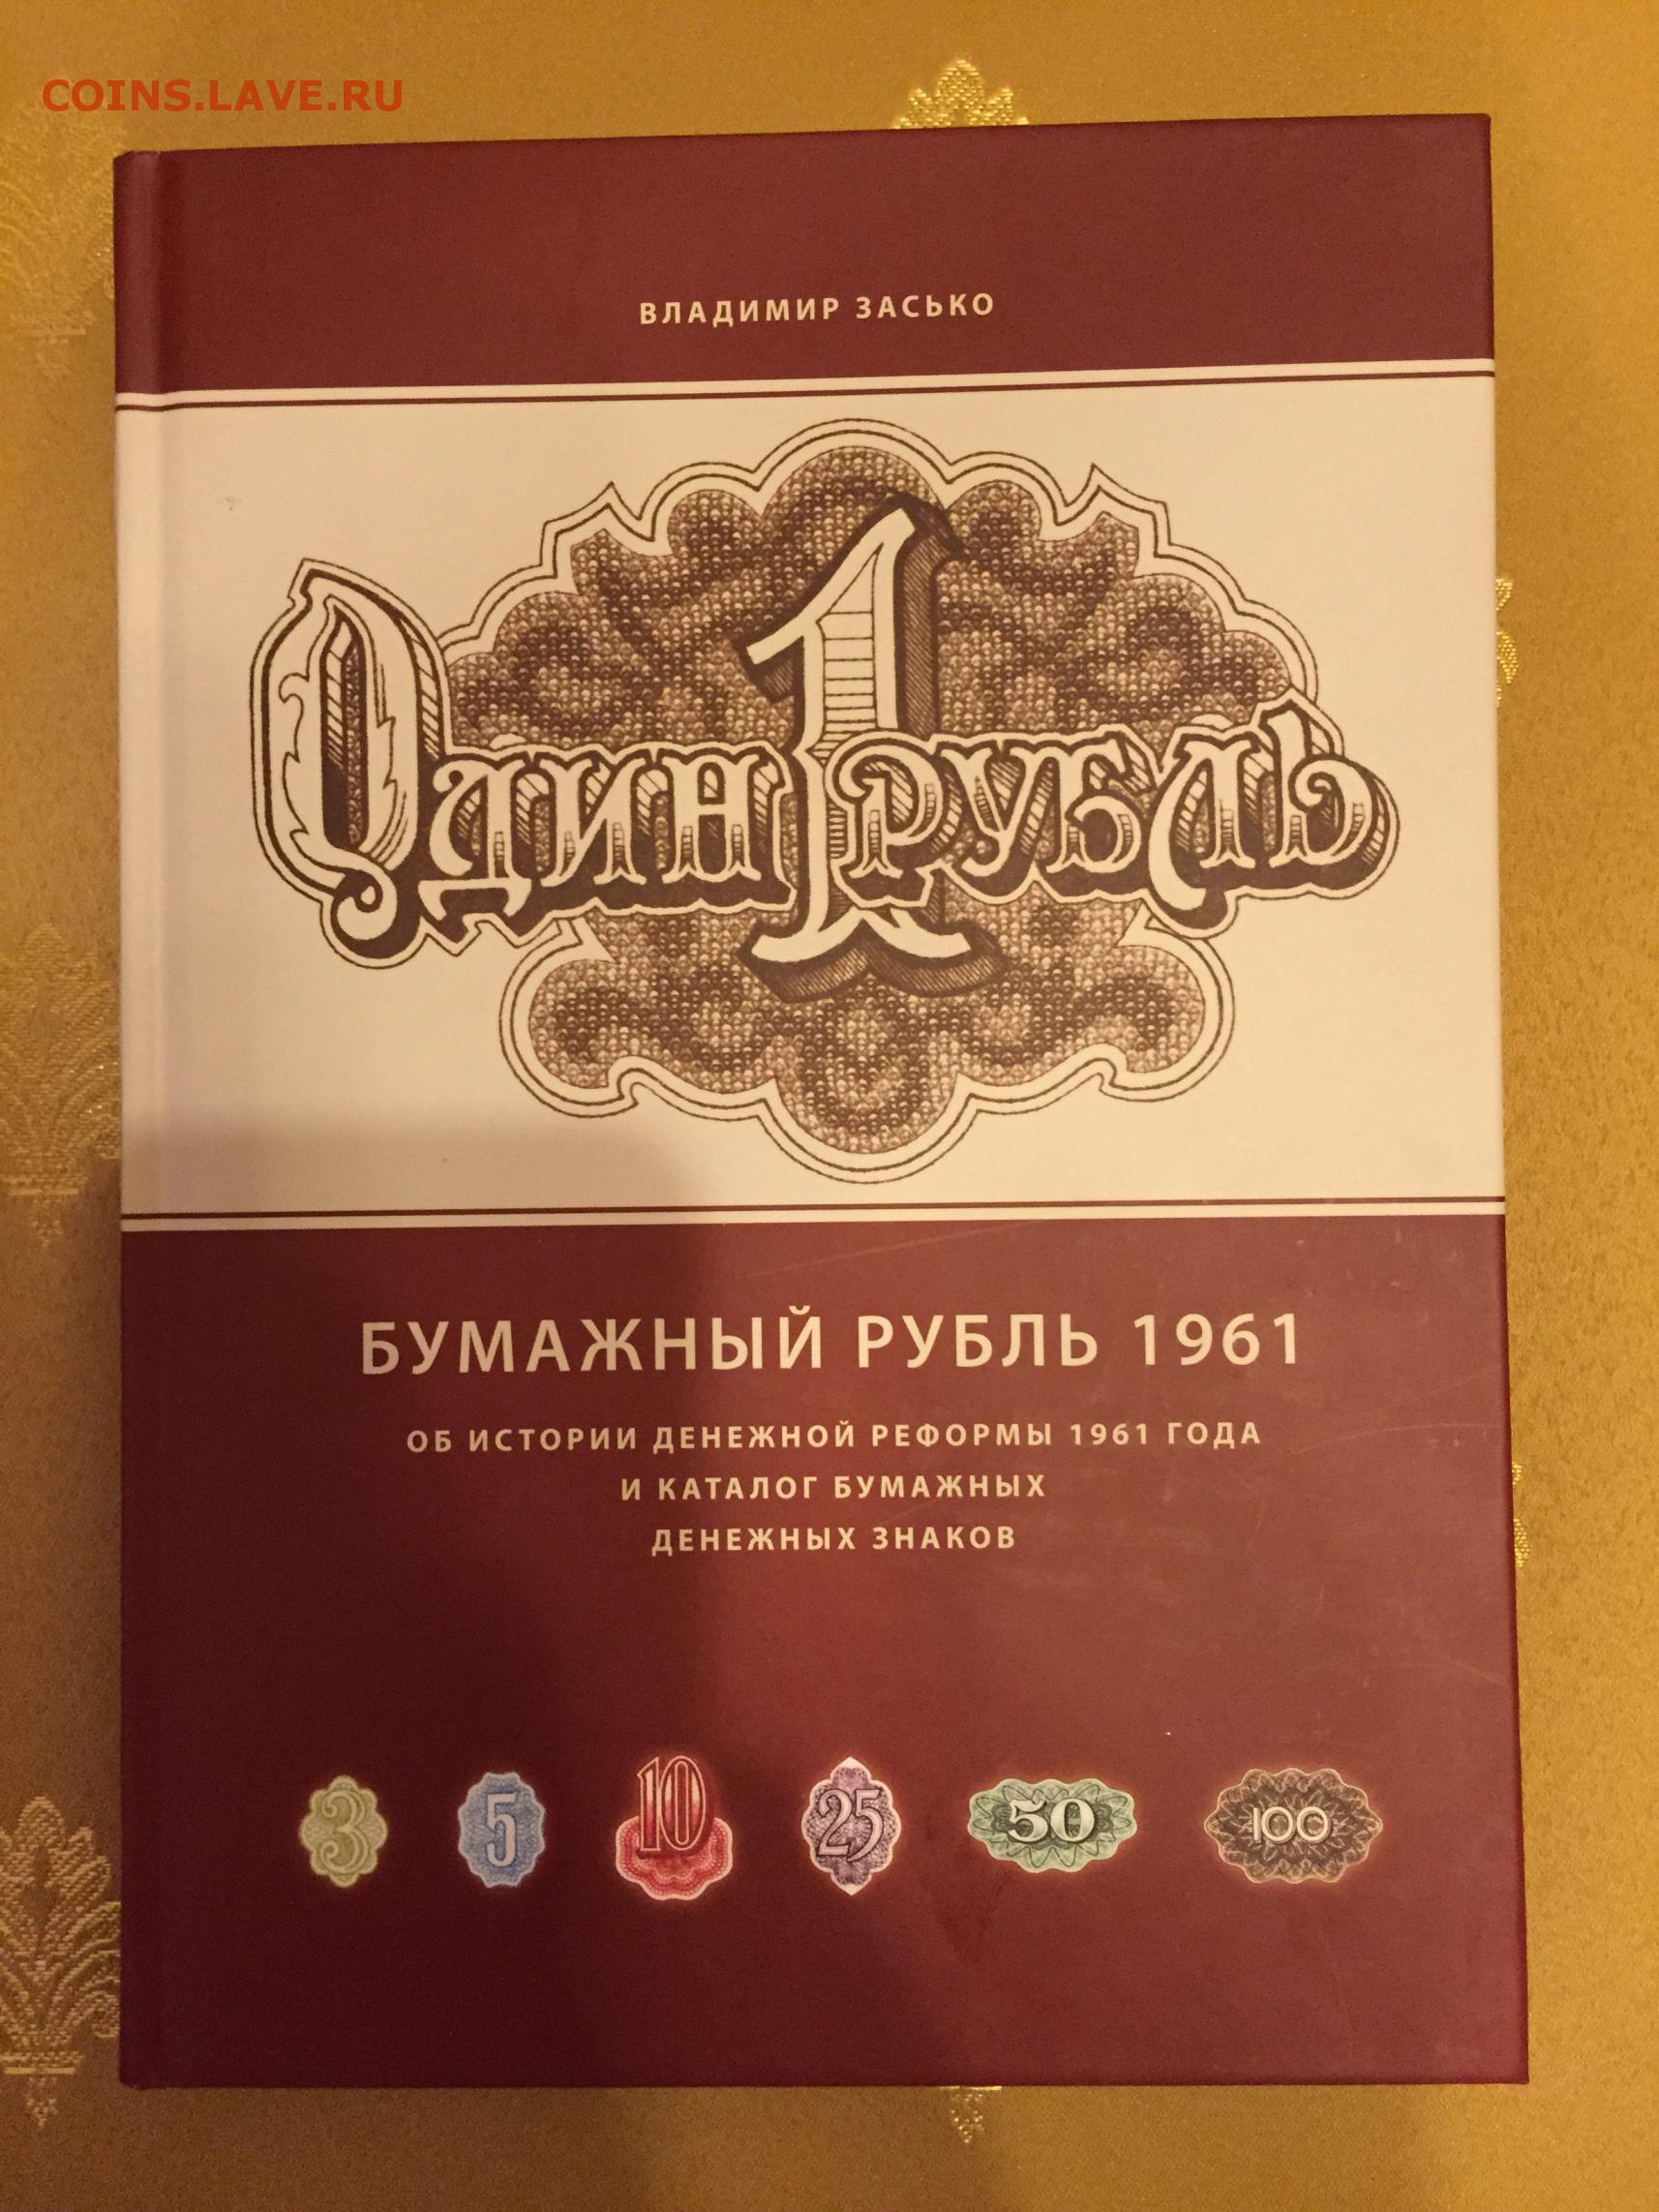 Засько бумажный рубль скачать магазин денег мира